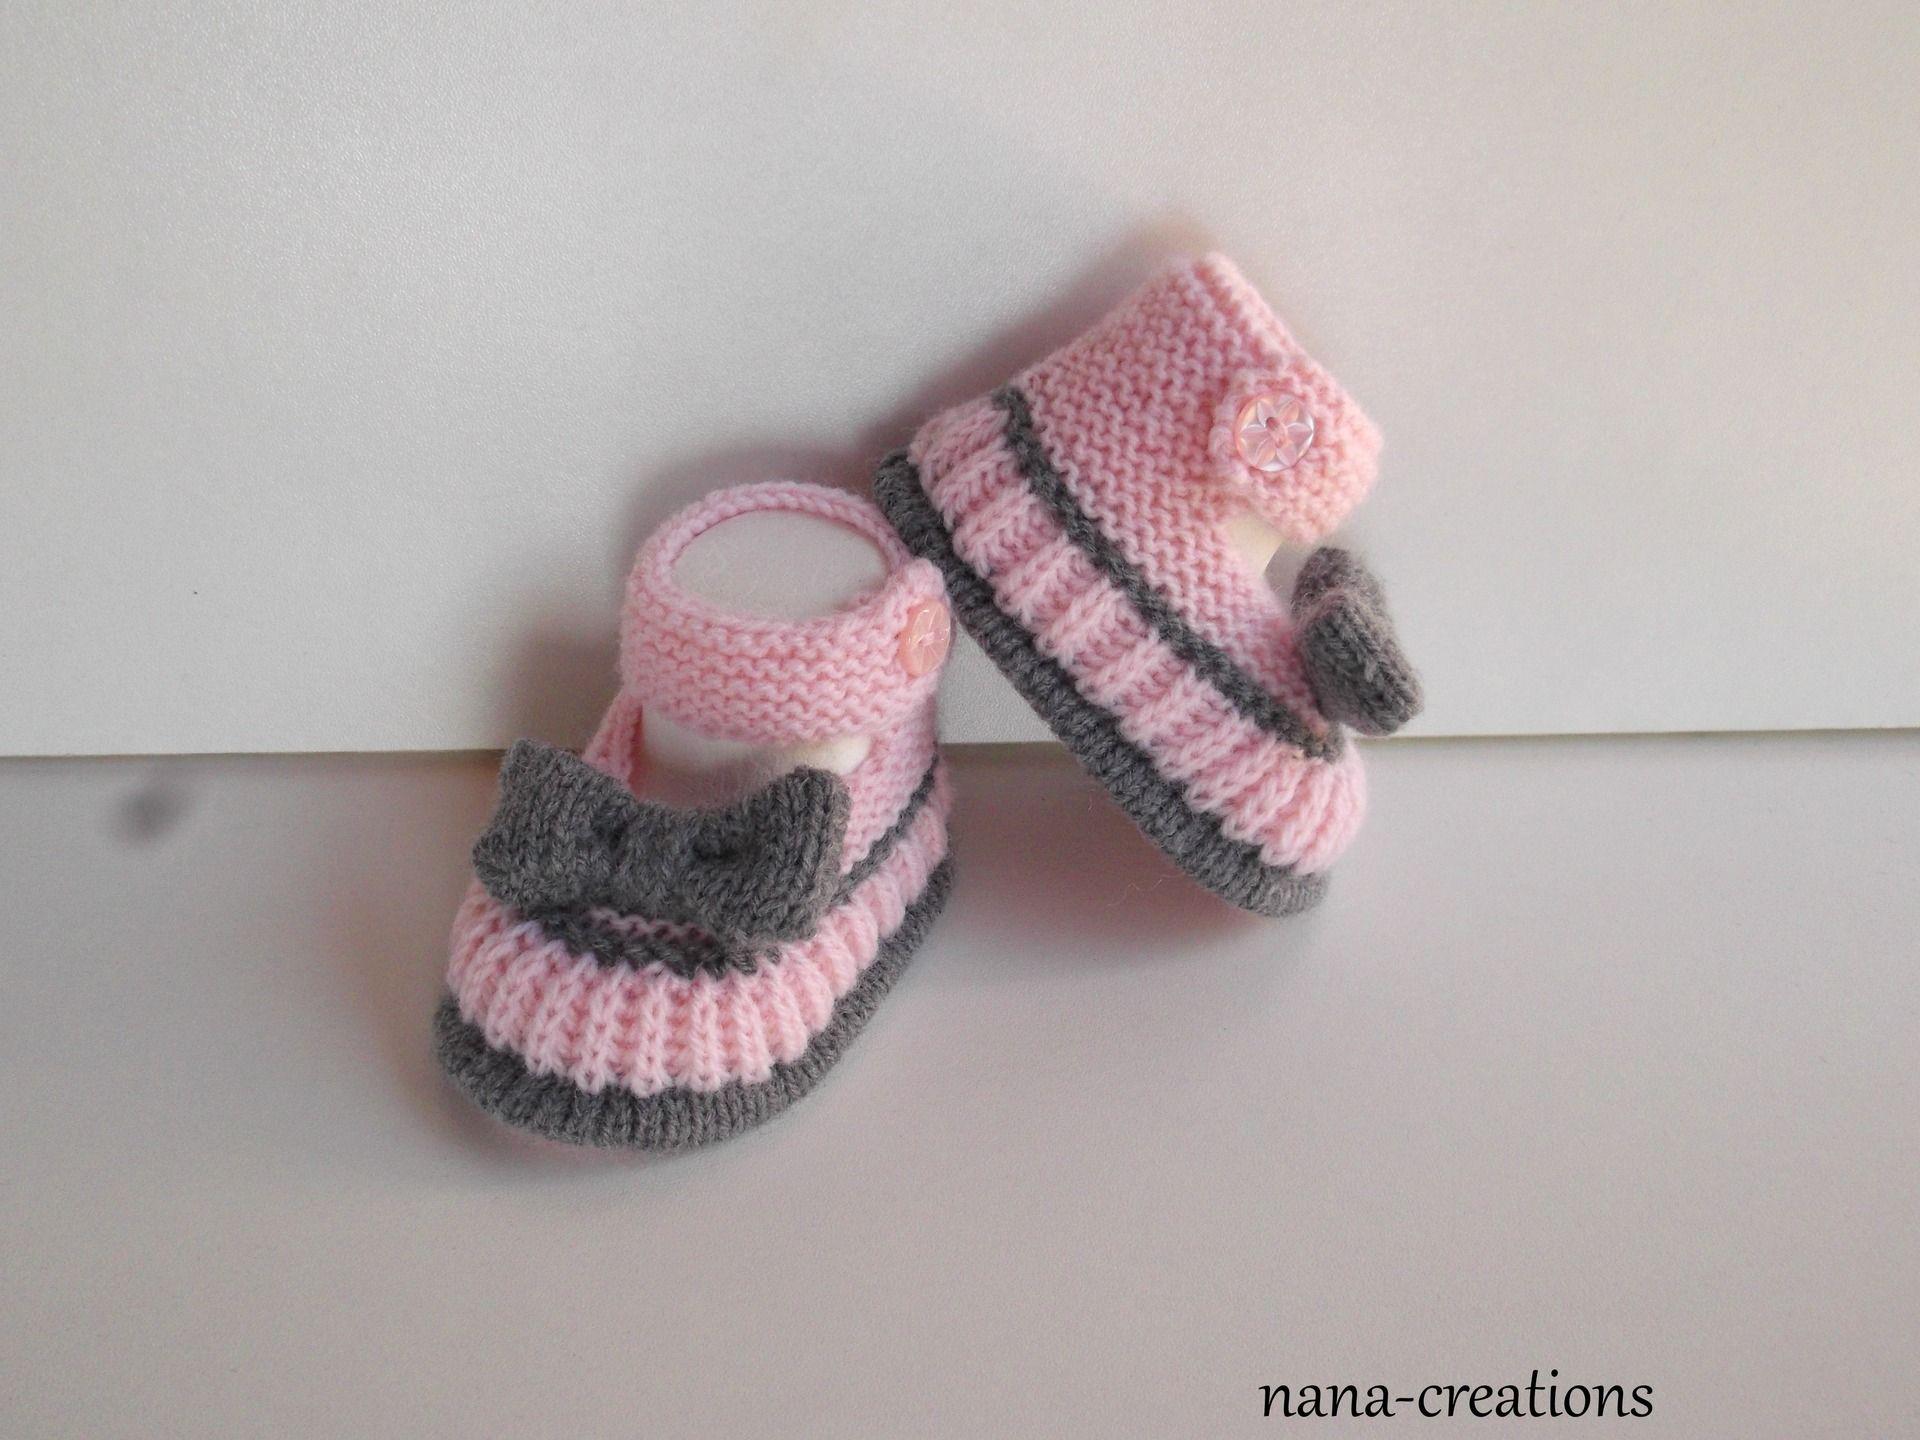 e9928eeaaffbb Chaussons bébé style babies tricotés main en laine layette rose et gris